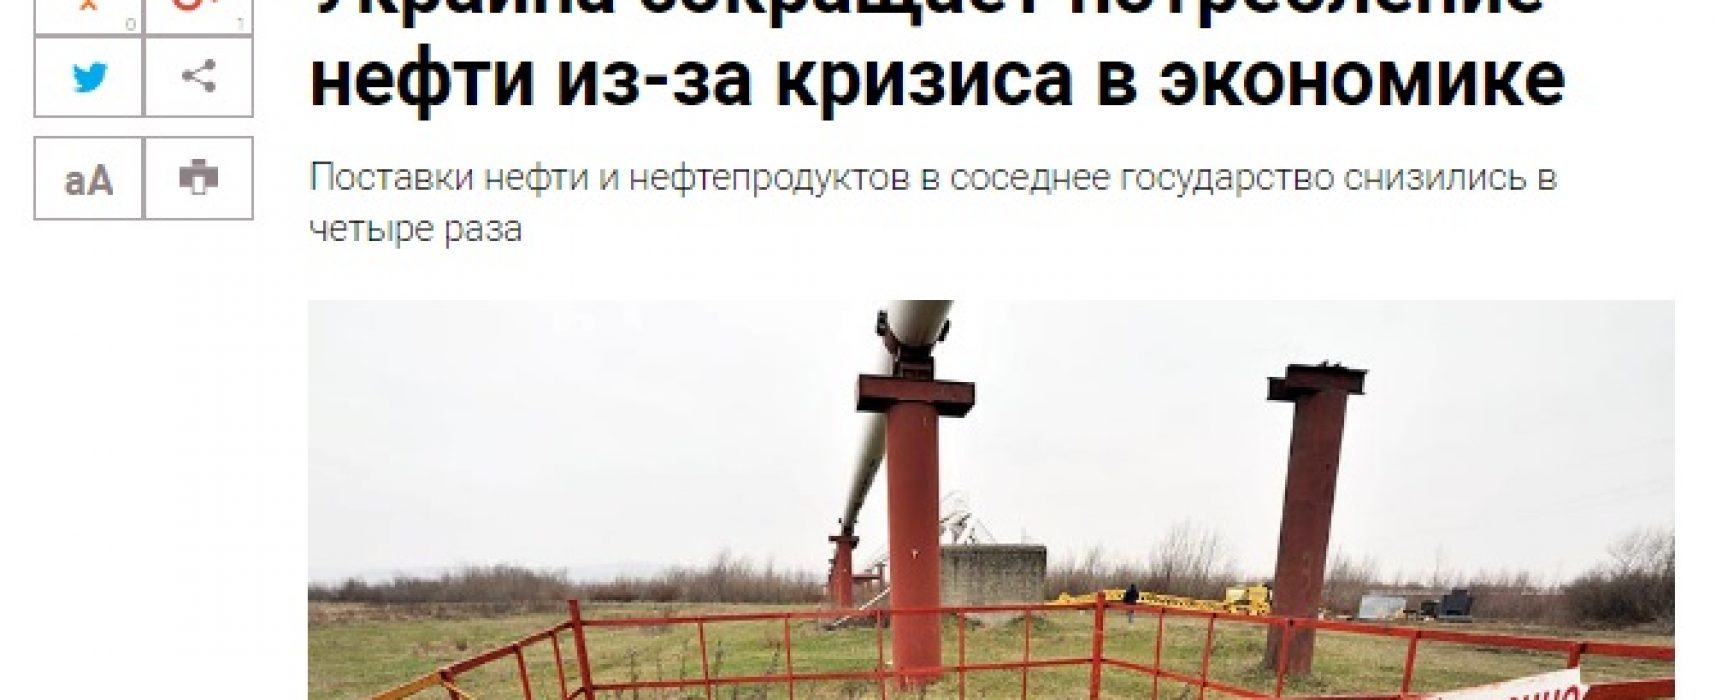 Fake: Gestiegene Energie-Sparmaßnahmen in der Ukraine